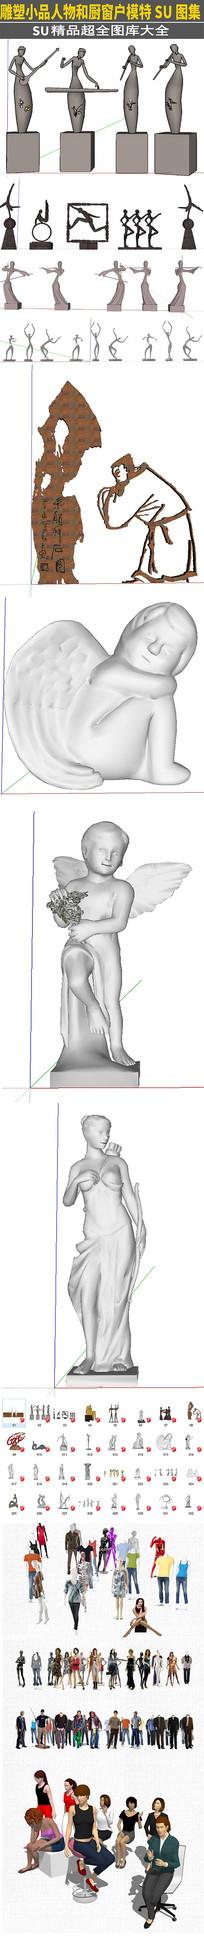 雕塑人物小品和厨窗3D人物SU图集